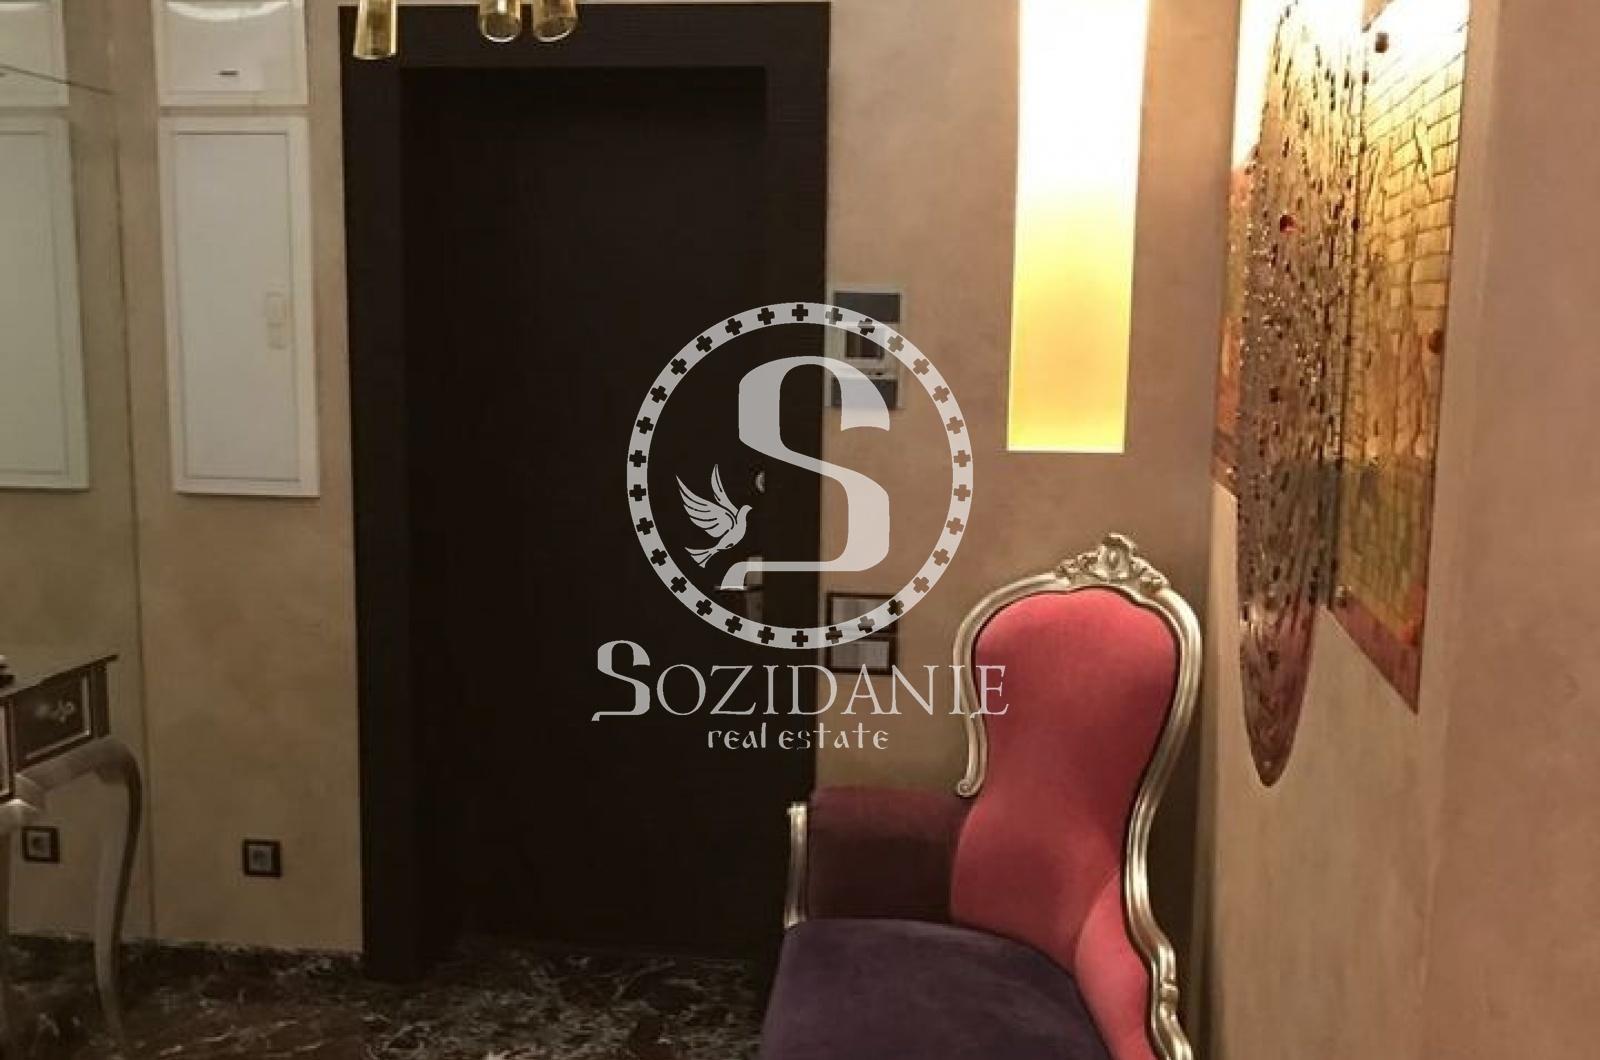 2 Комнаты, Городская, Продажа, Улица Минская, Listing ID 3010, Москва, Россия,